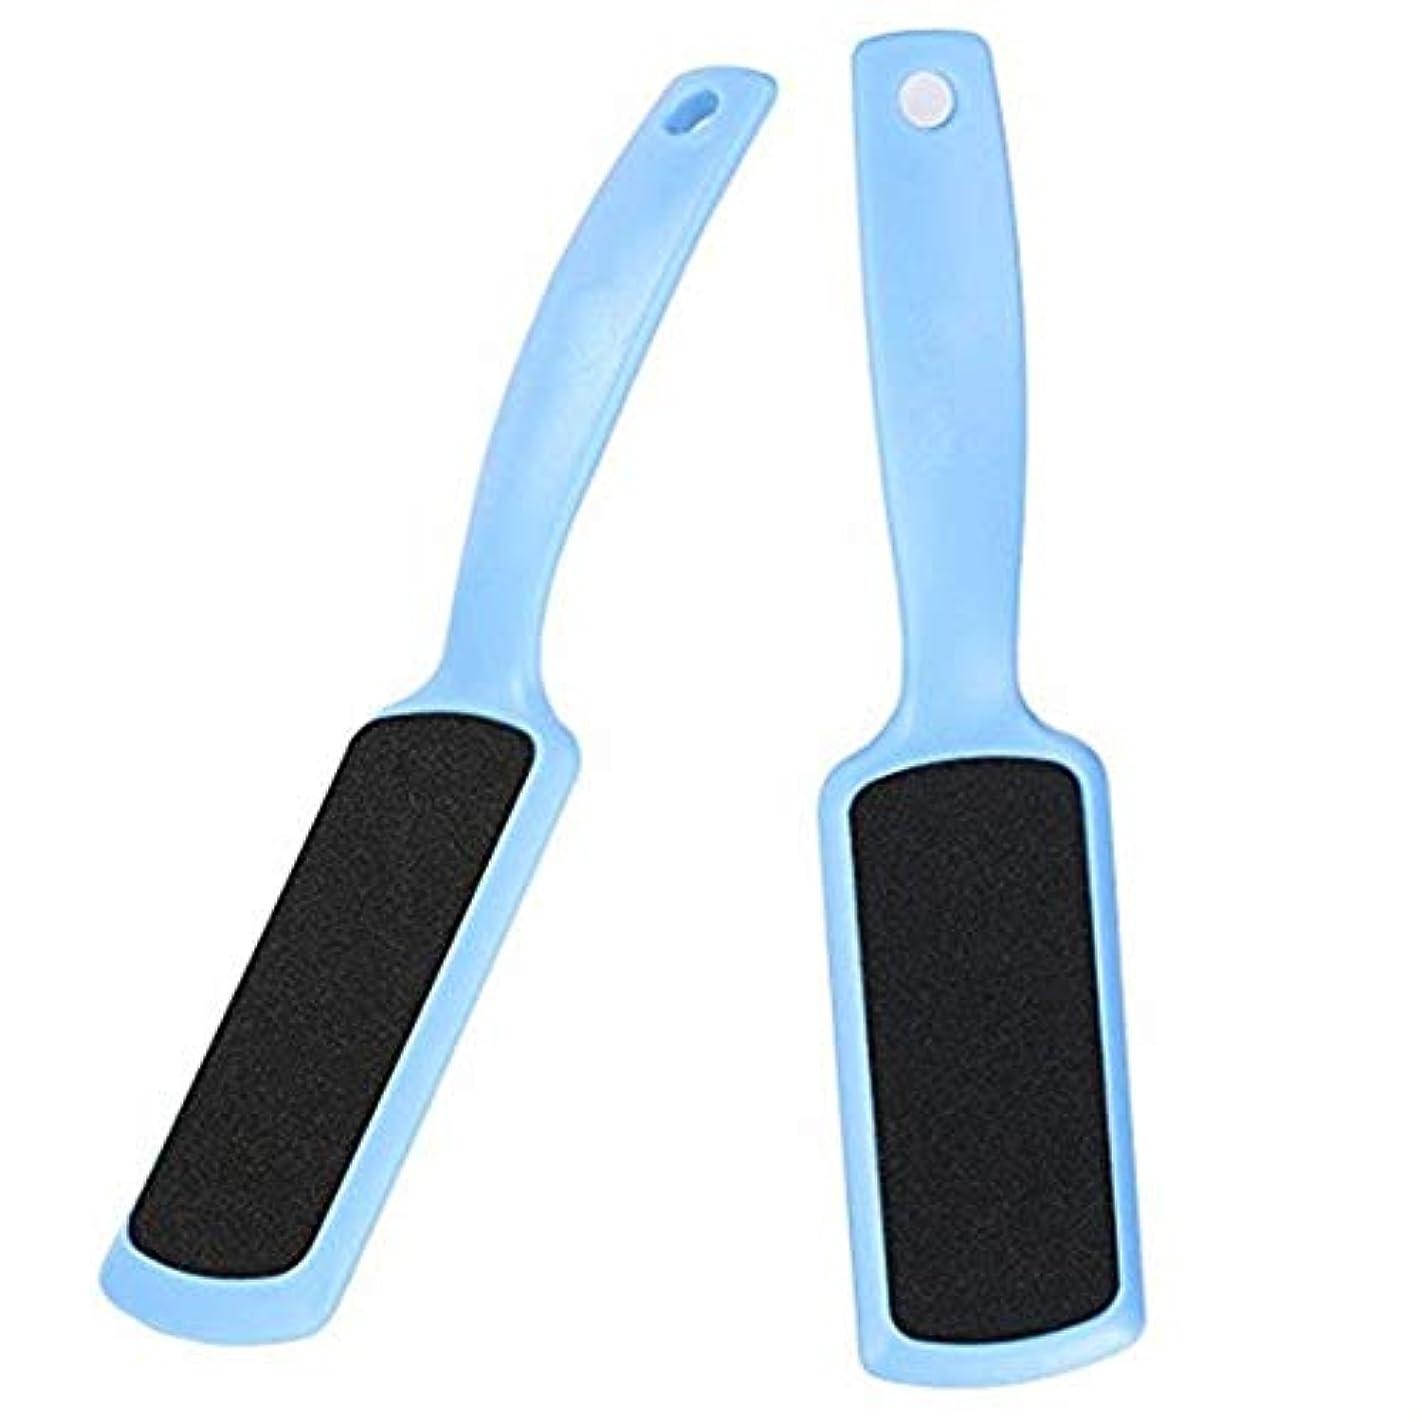 喉頭クライアントバンケットZHER-LU 両面足ヤスリ ツインヘッド角質取り器 角質やすり 足ファイル 両面 フットケア用品 足磨きツール 足裏 かかと 角質ケア 角質除去 多機能 プラスチック 両面サンドペーパー 3色 2個入れ (ブルー)